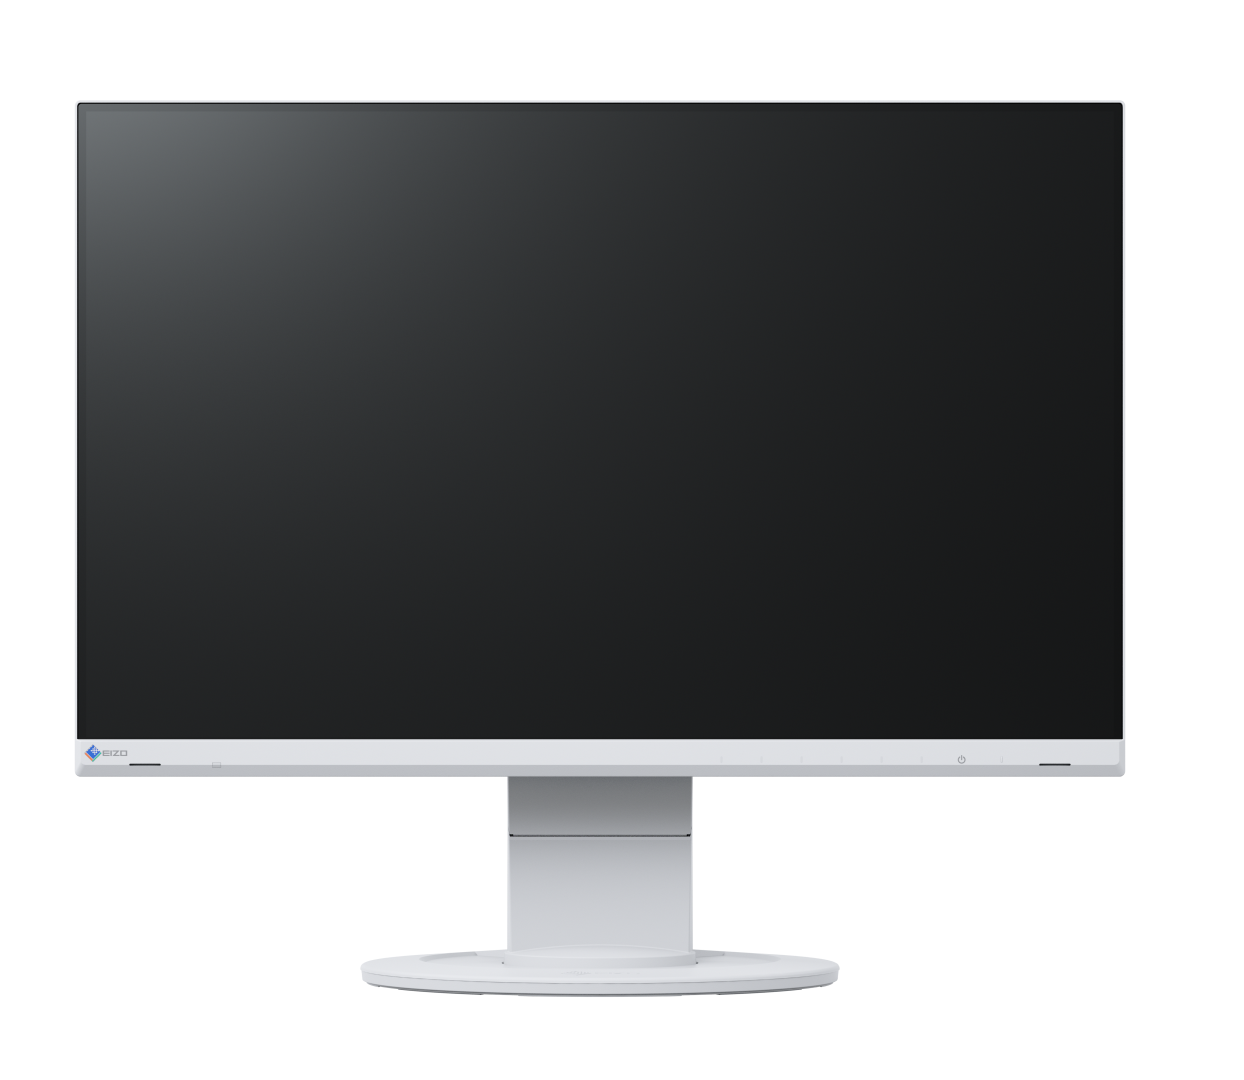 Eizo FlexScan EV2360 wit | ✔️ 5 Jahre Garantie!